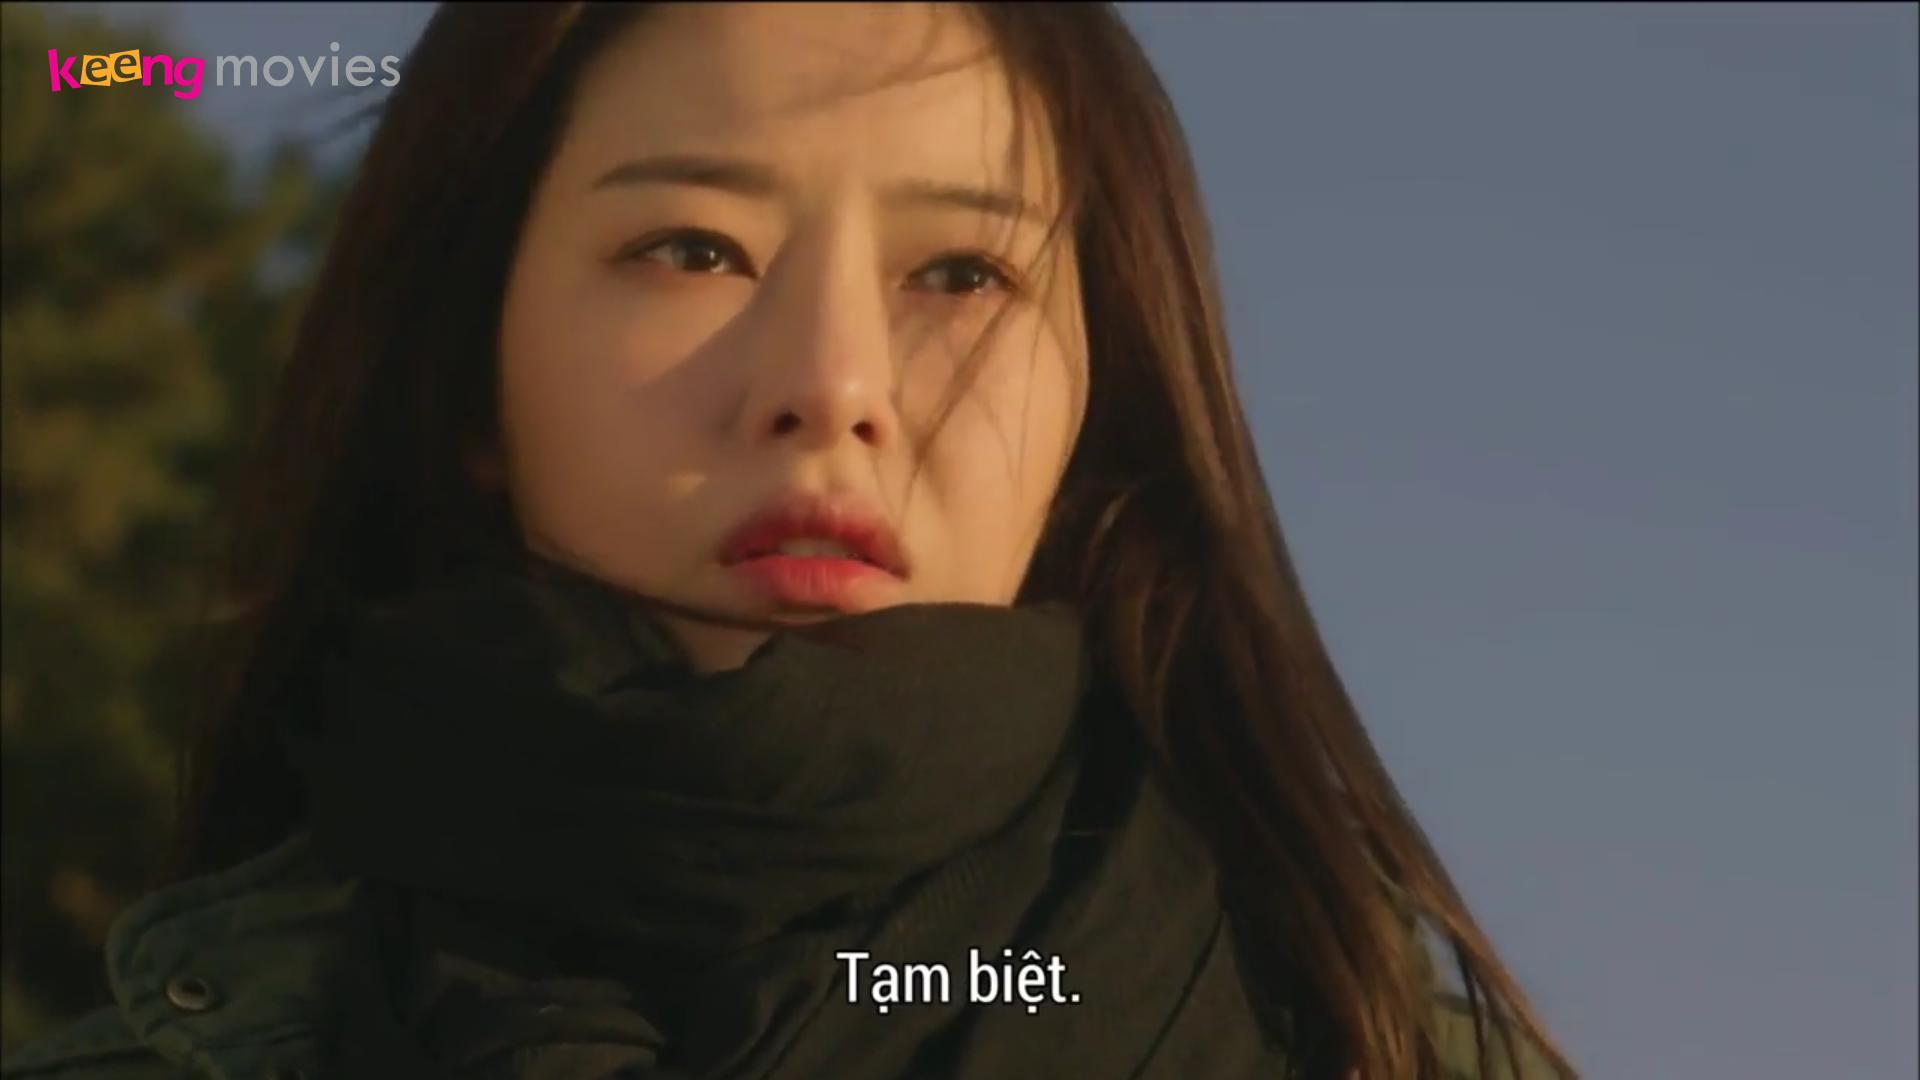 'Yêu trong đau thương' tập 5 – 8: Tạm biệt quá khứ! 1